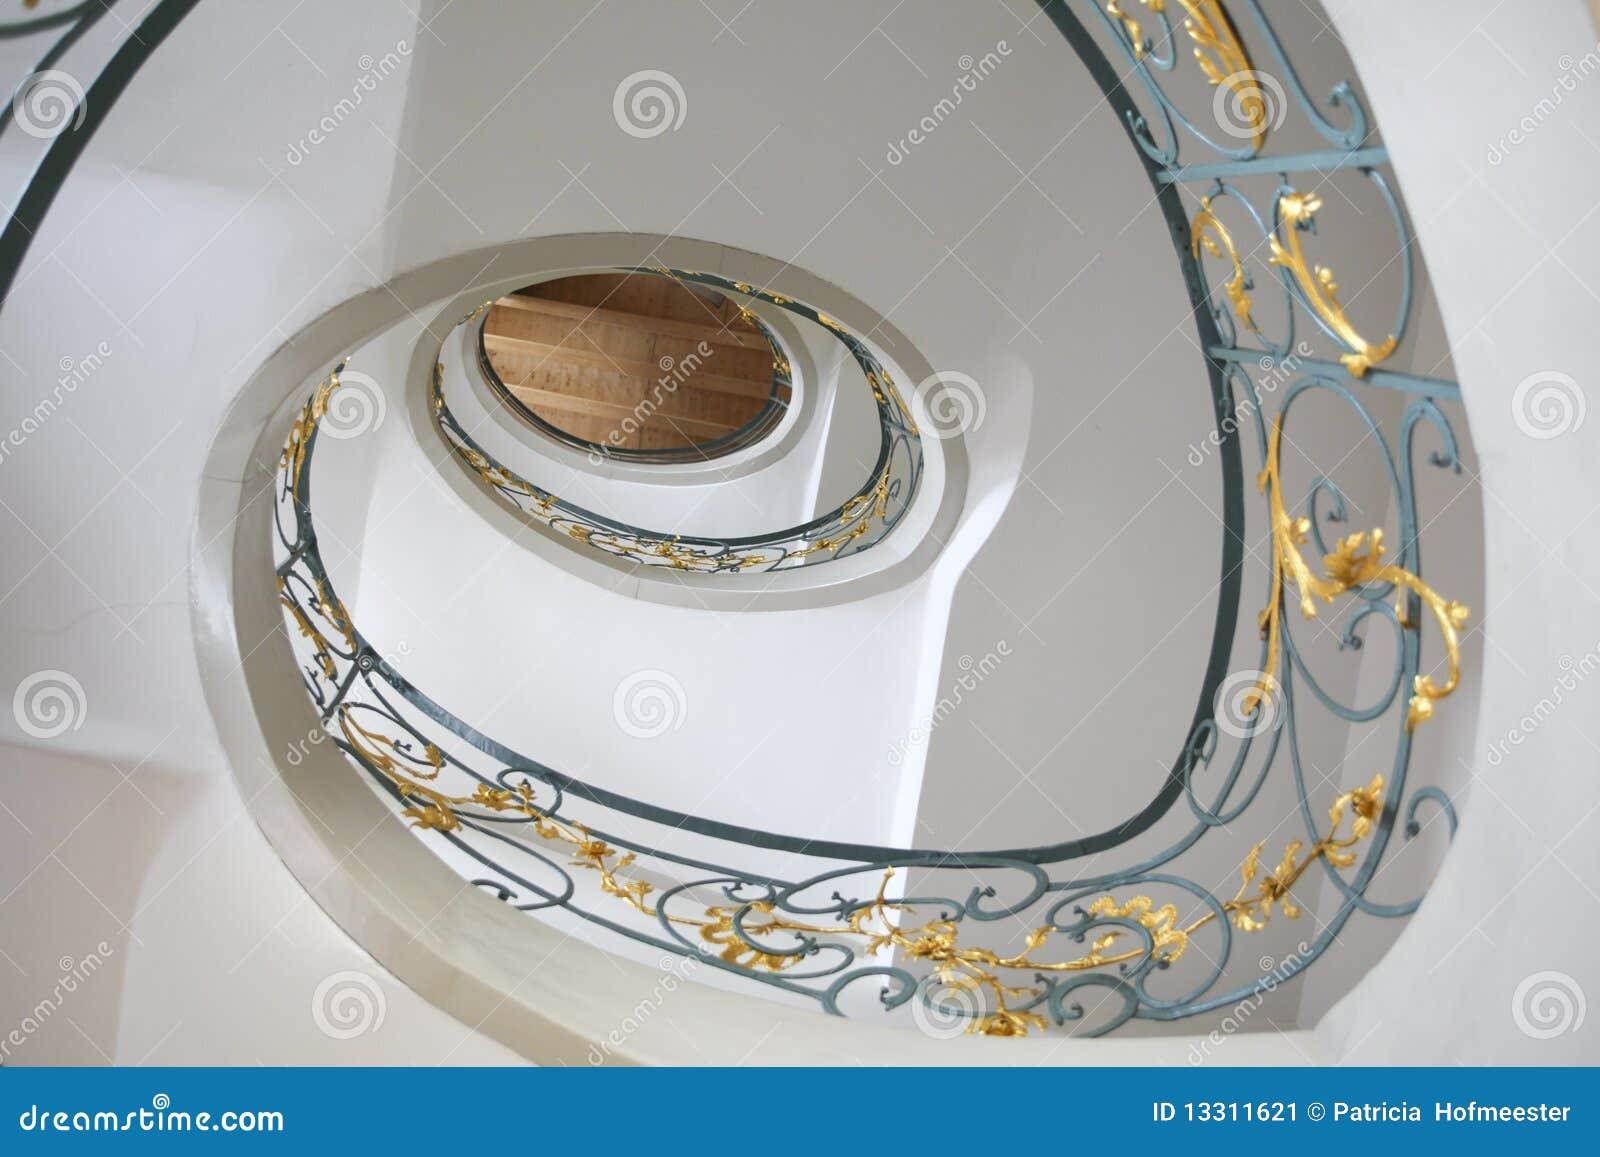 jugendstil treppenhaus stockbild bild 13311621. Black Bedroom Furniture Sets. Home Design Ideas